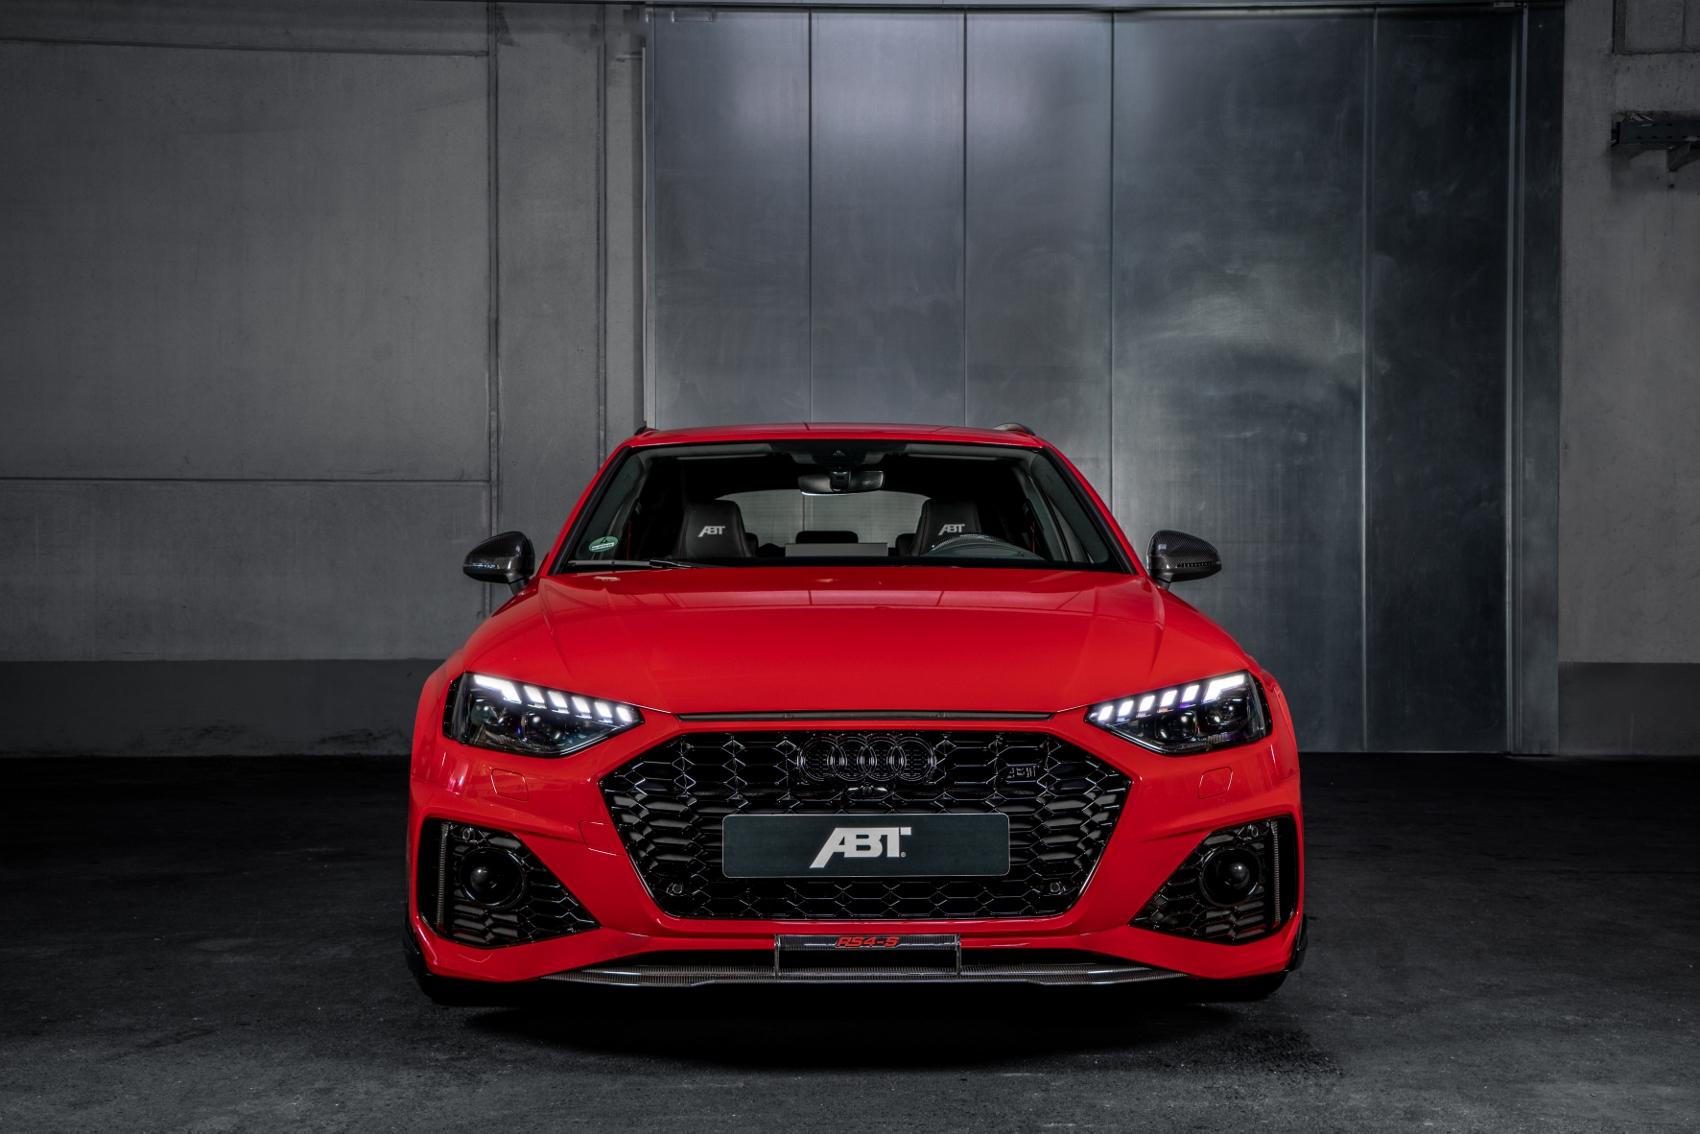 Keď Audi RS 4 nestačí, prichádza ABT RS4-S